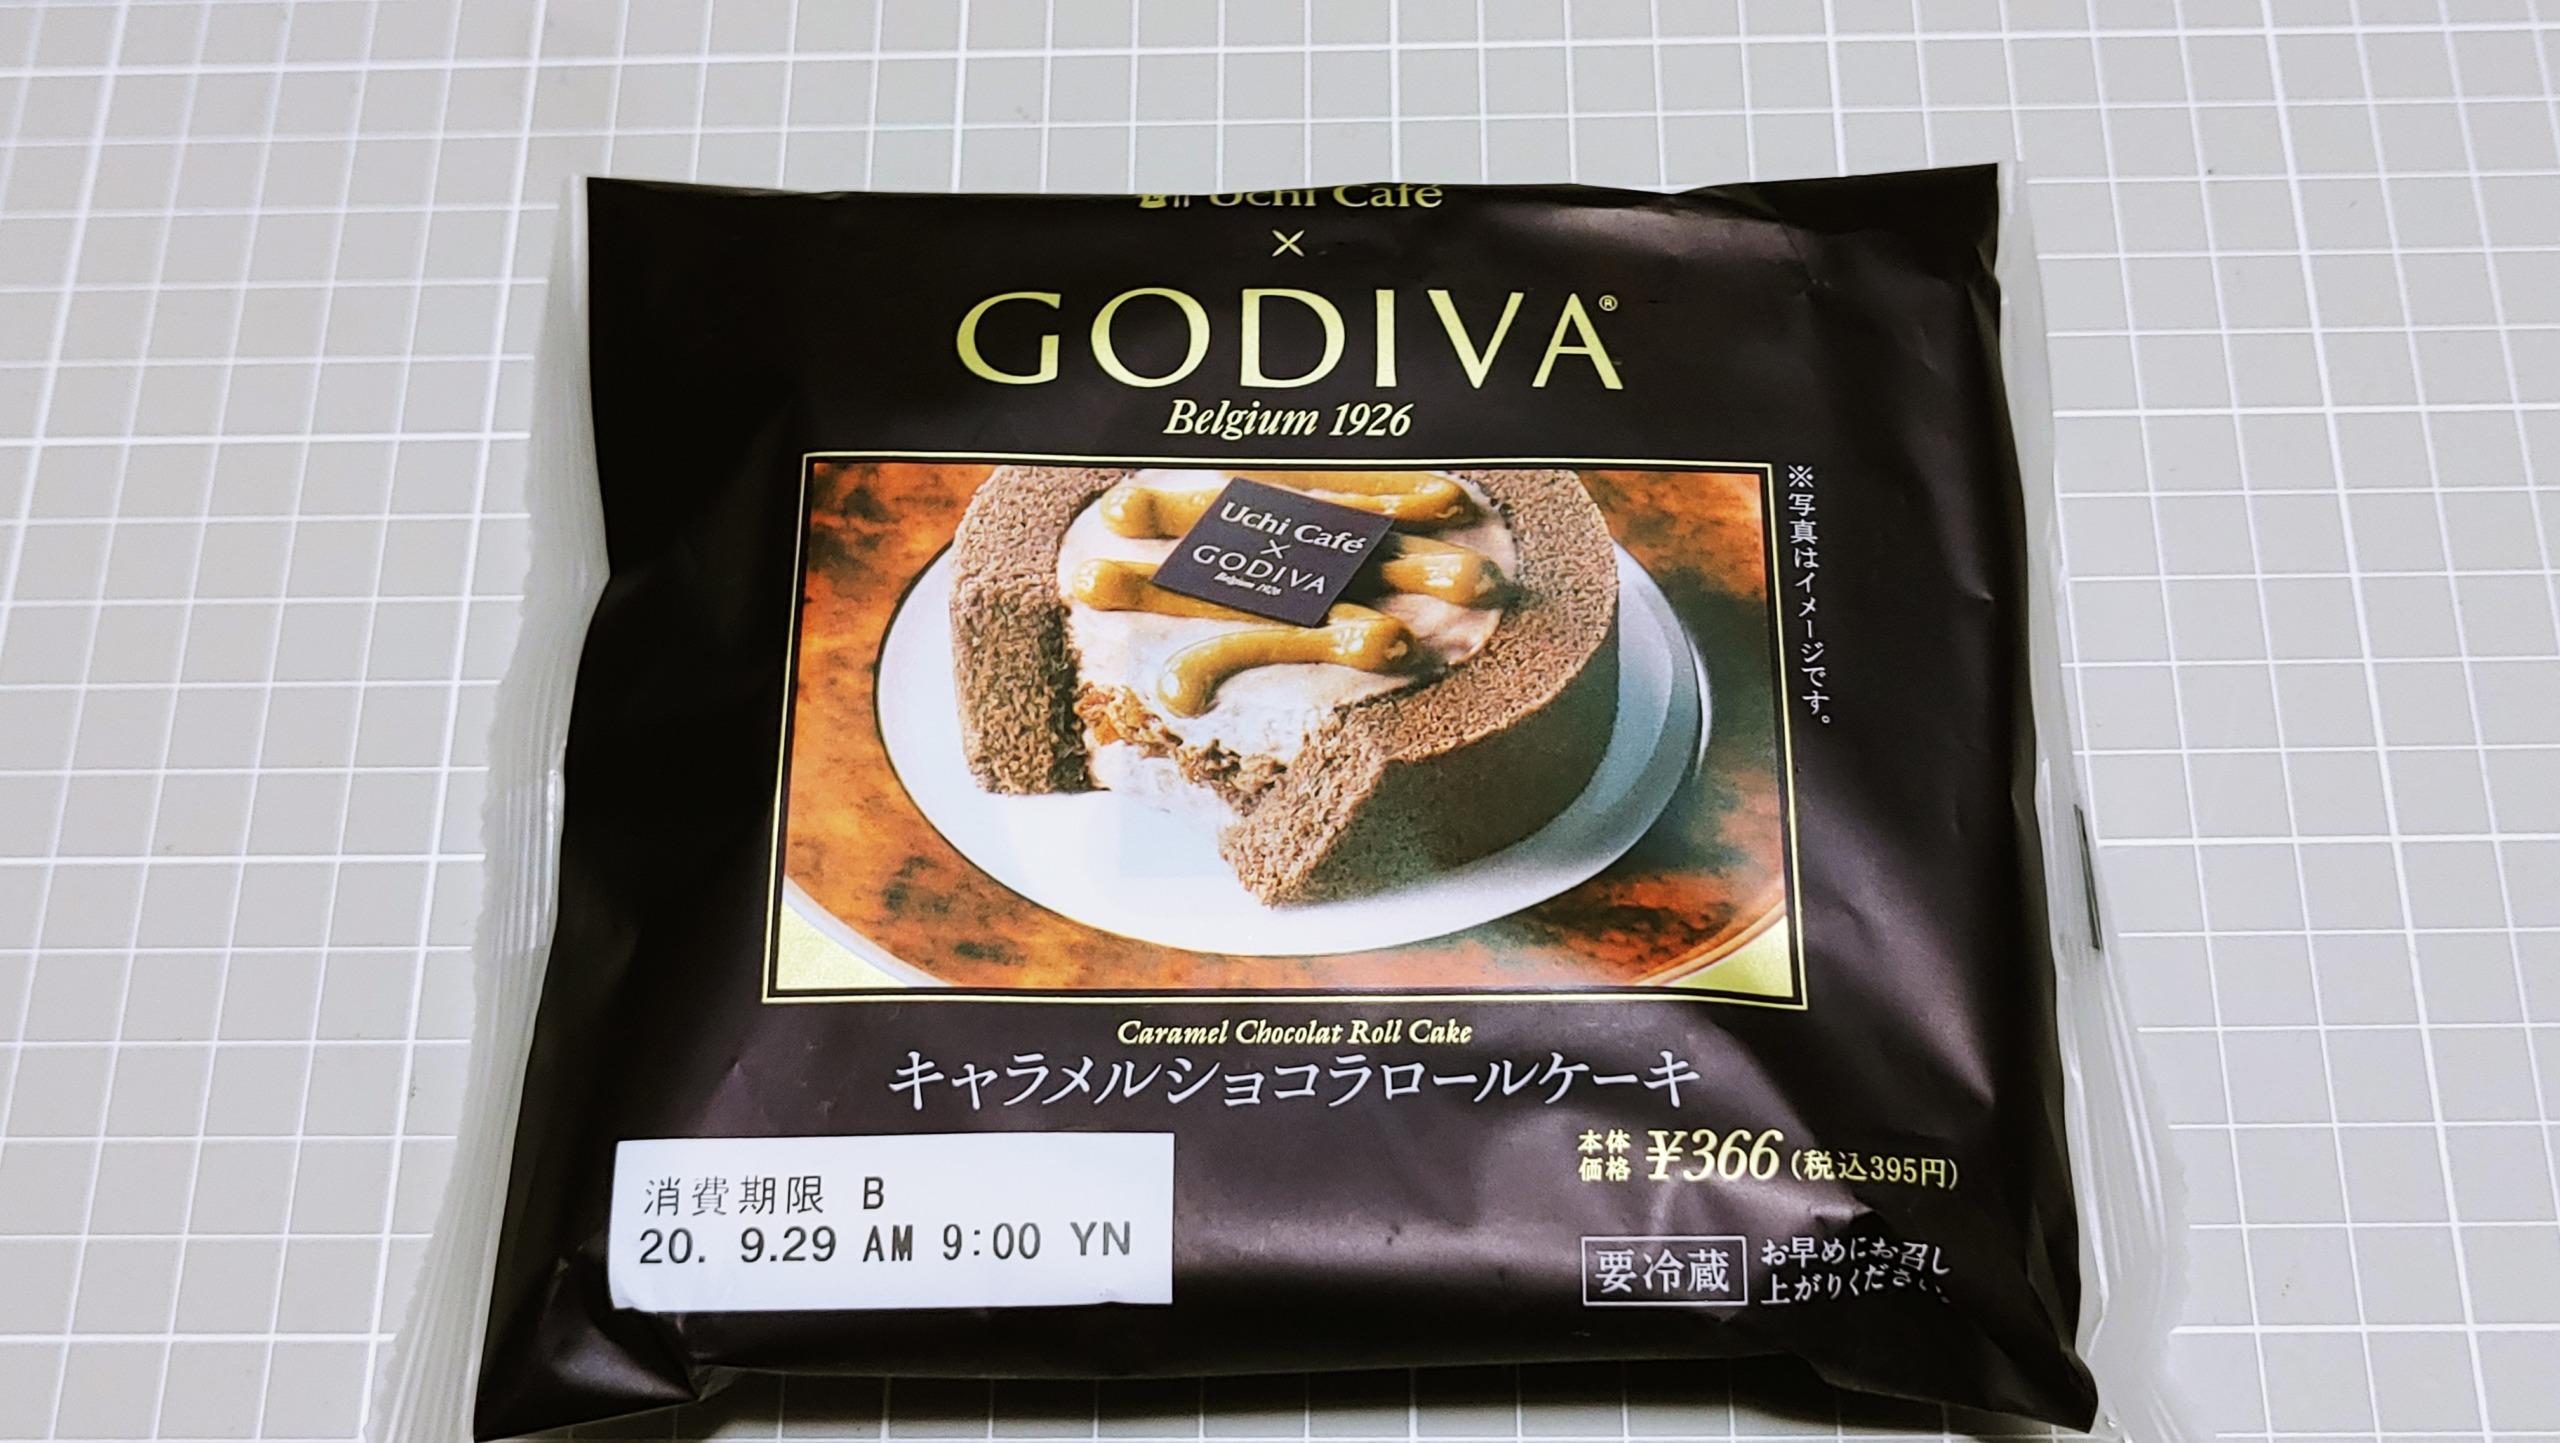 ローソン GODIVA キャラメルショコラロールケーキ